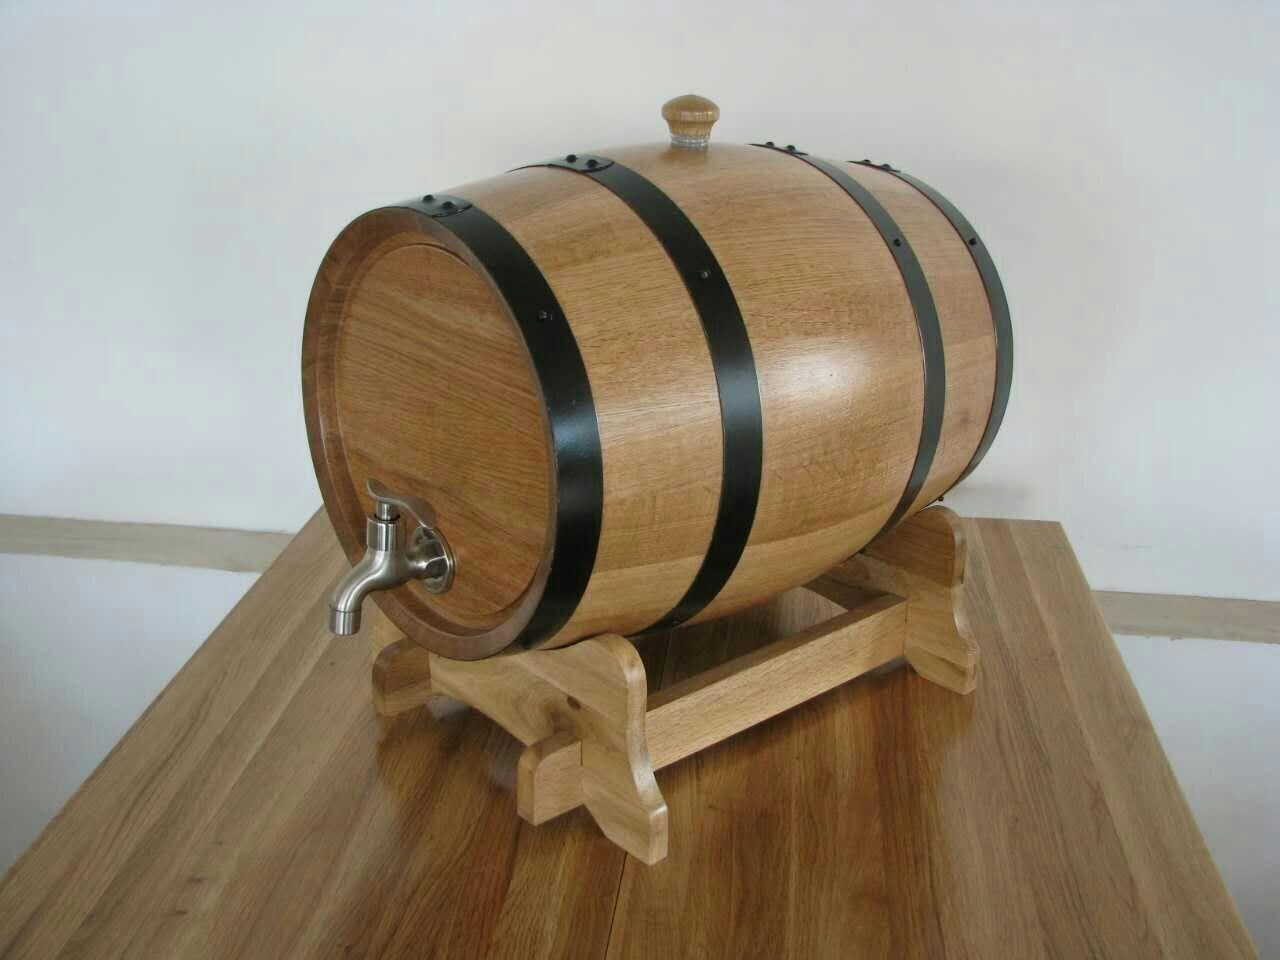 oak barrel for wine ,wiskey. oak barrel factory,decorate barrel